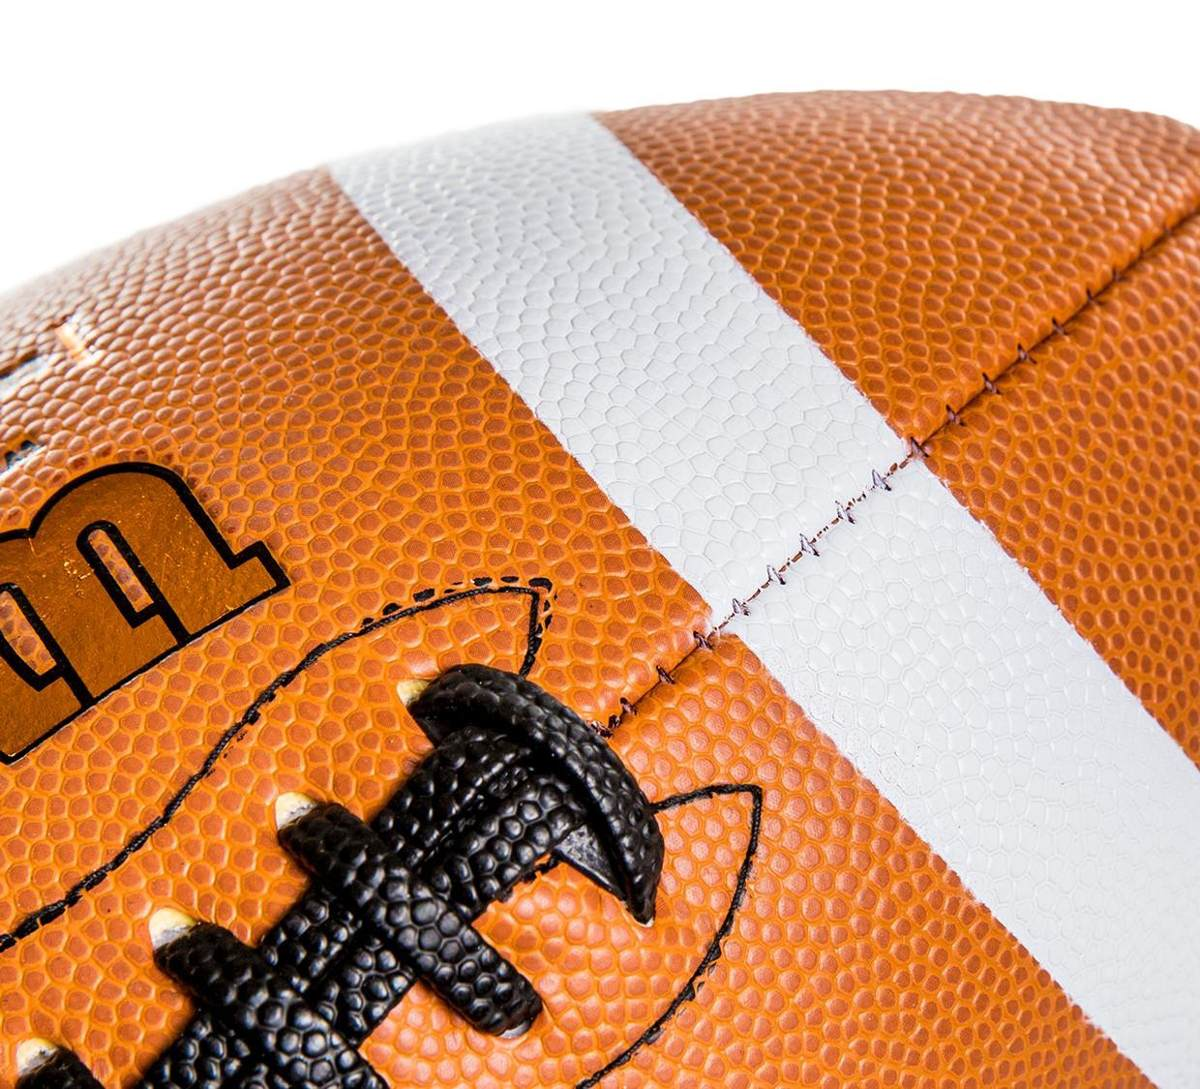 bola futebol americano gst composite oficial nfl - wilson. Carregando zoom. f96ba83d52e15